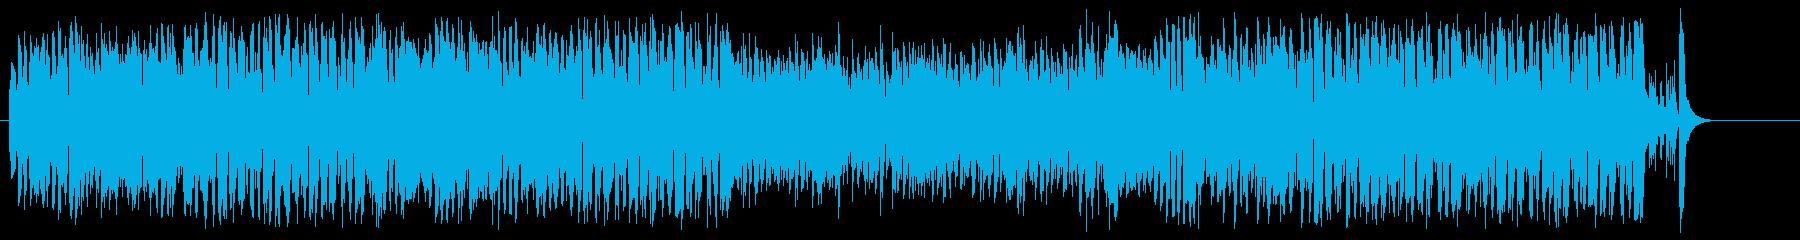 セントルイス風ジャズ・アンサンブルの再生済みの波形